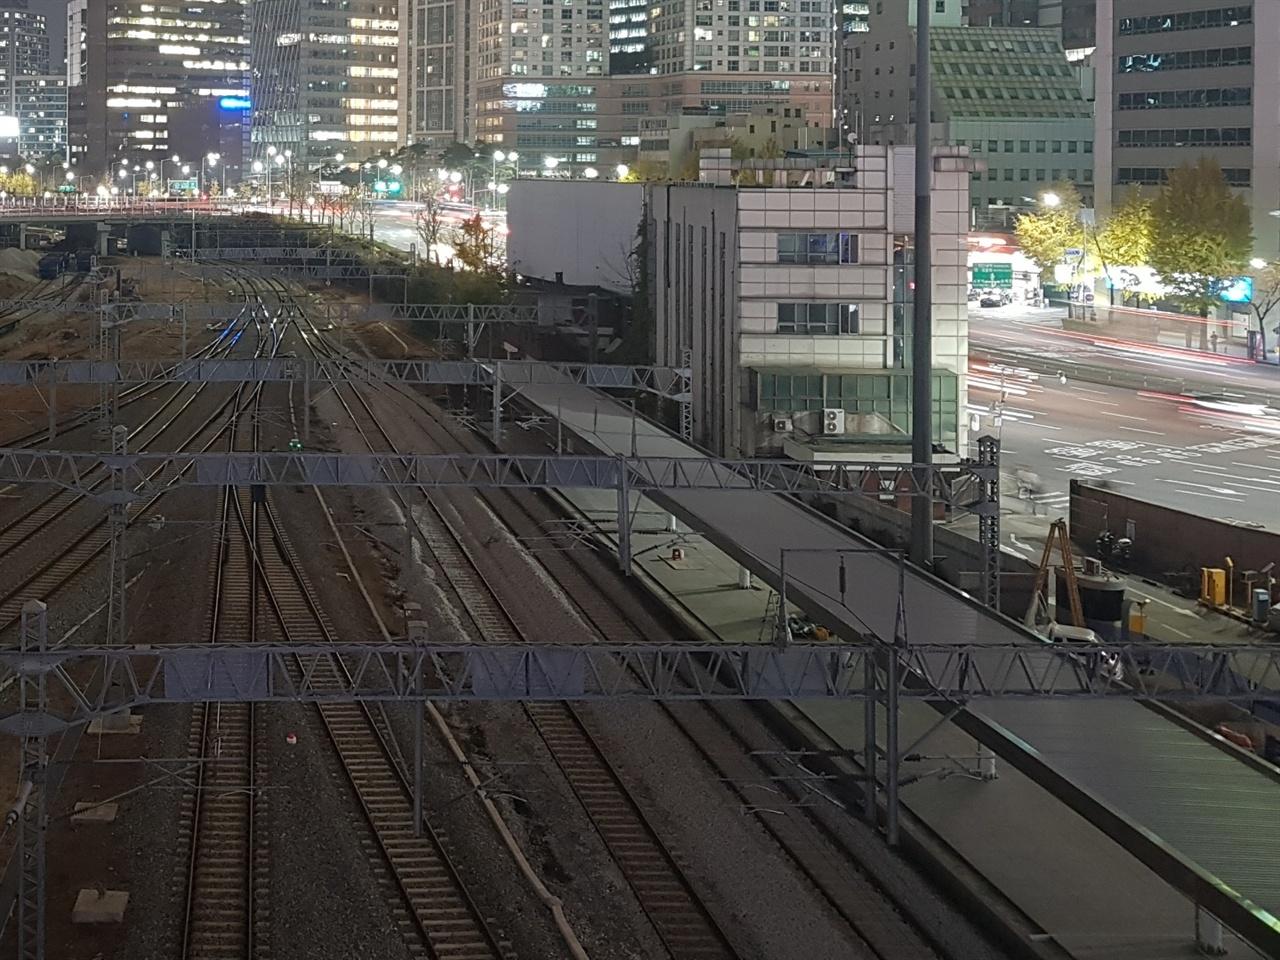 28일 개장을 목표로 건설중인 서울역 동측 승강장. 이 곳을 경의선 전철이 새로이 사용하게 된다.